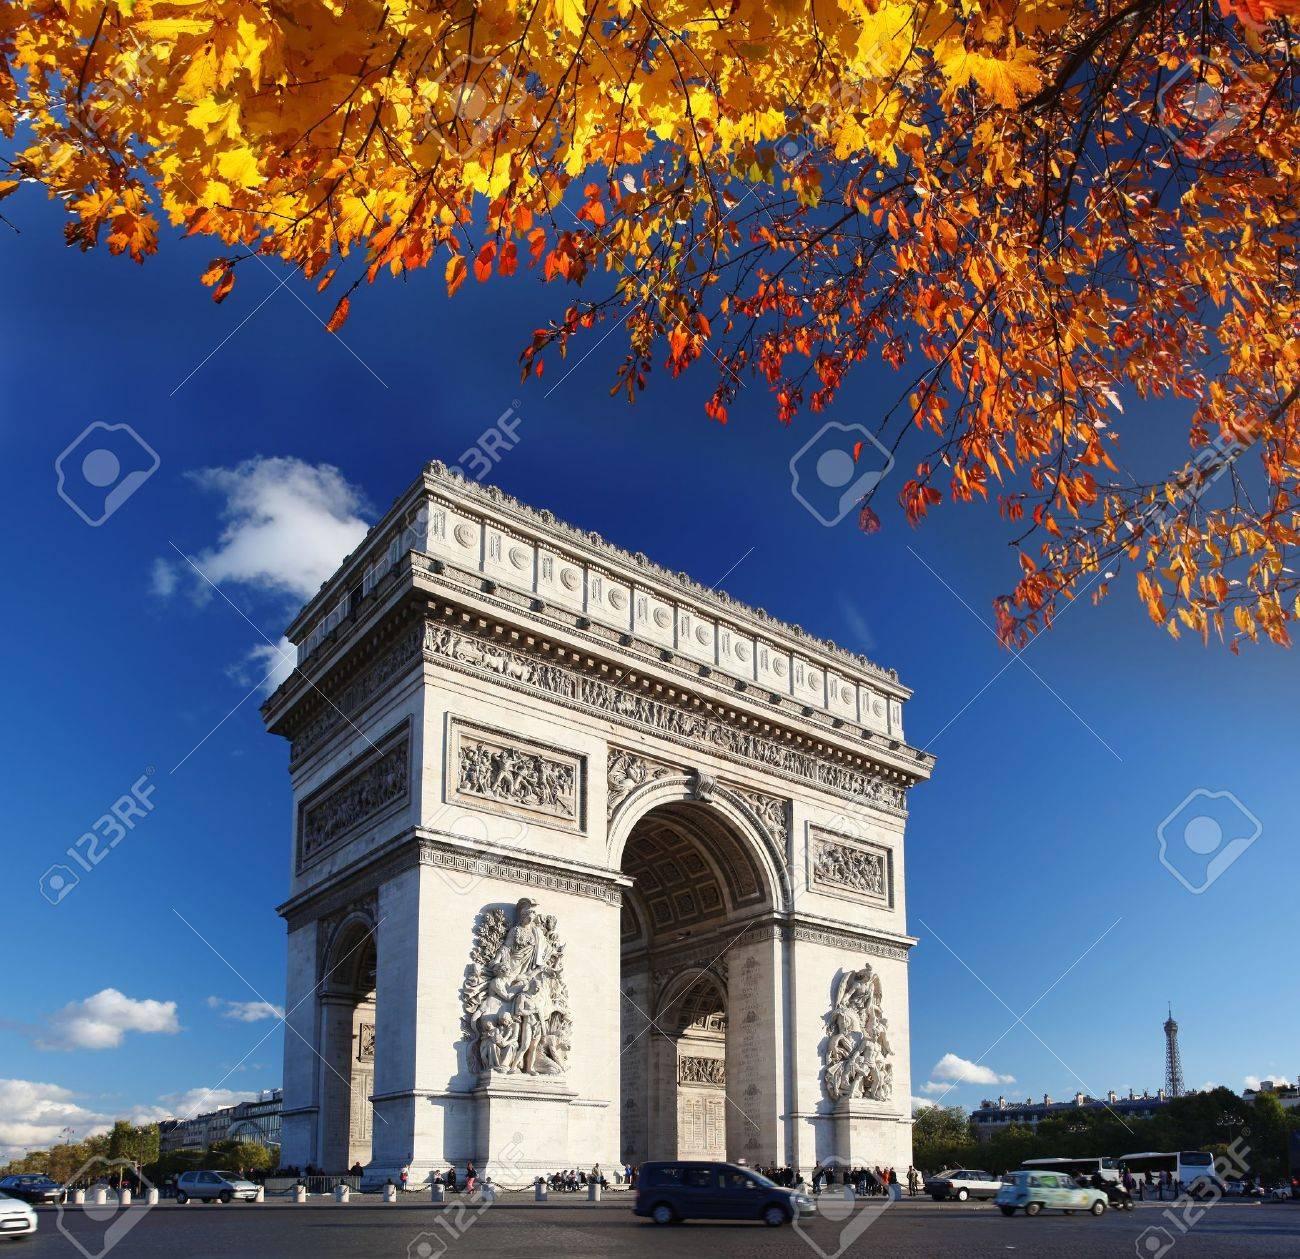 Famous Arc de Triomphe in autumn, Paris, France - 16042889